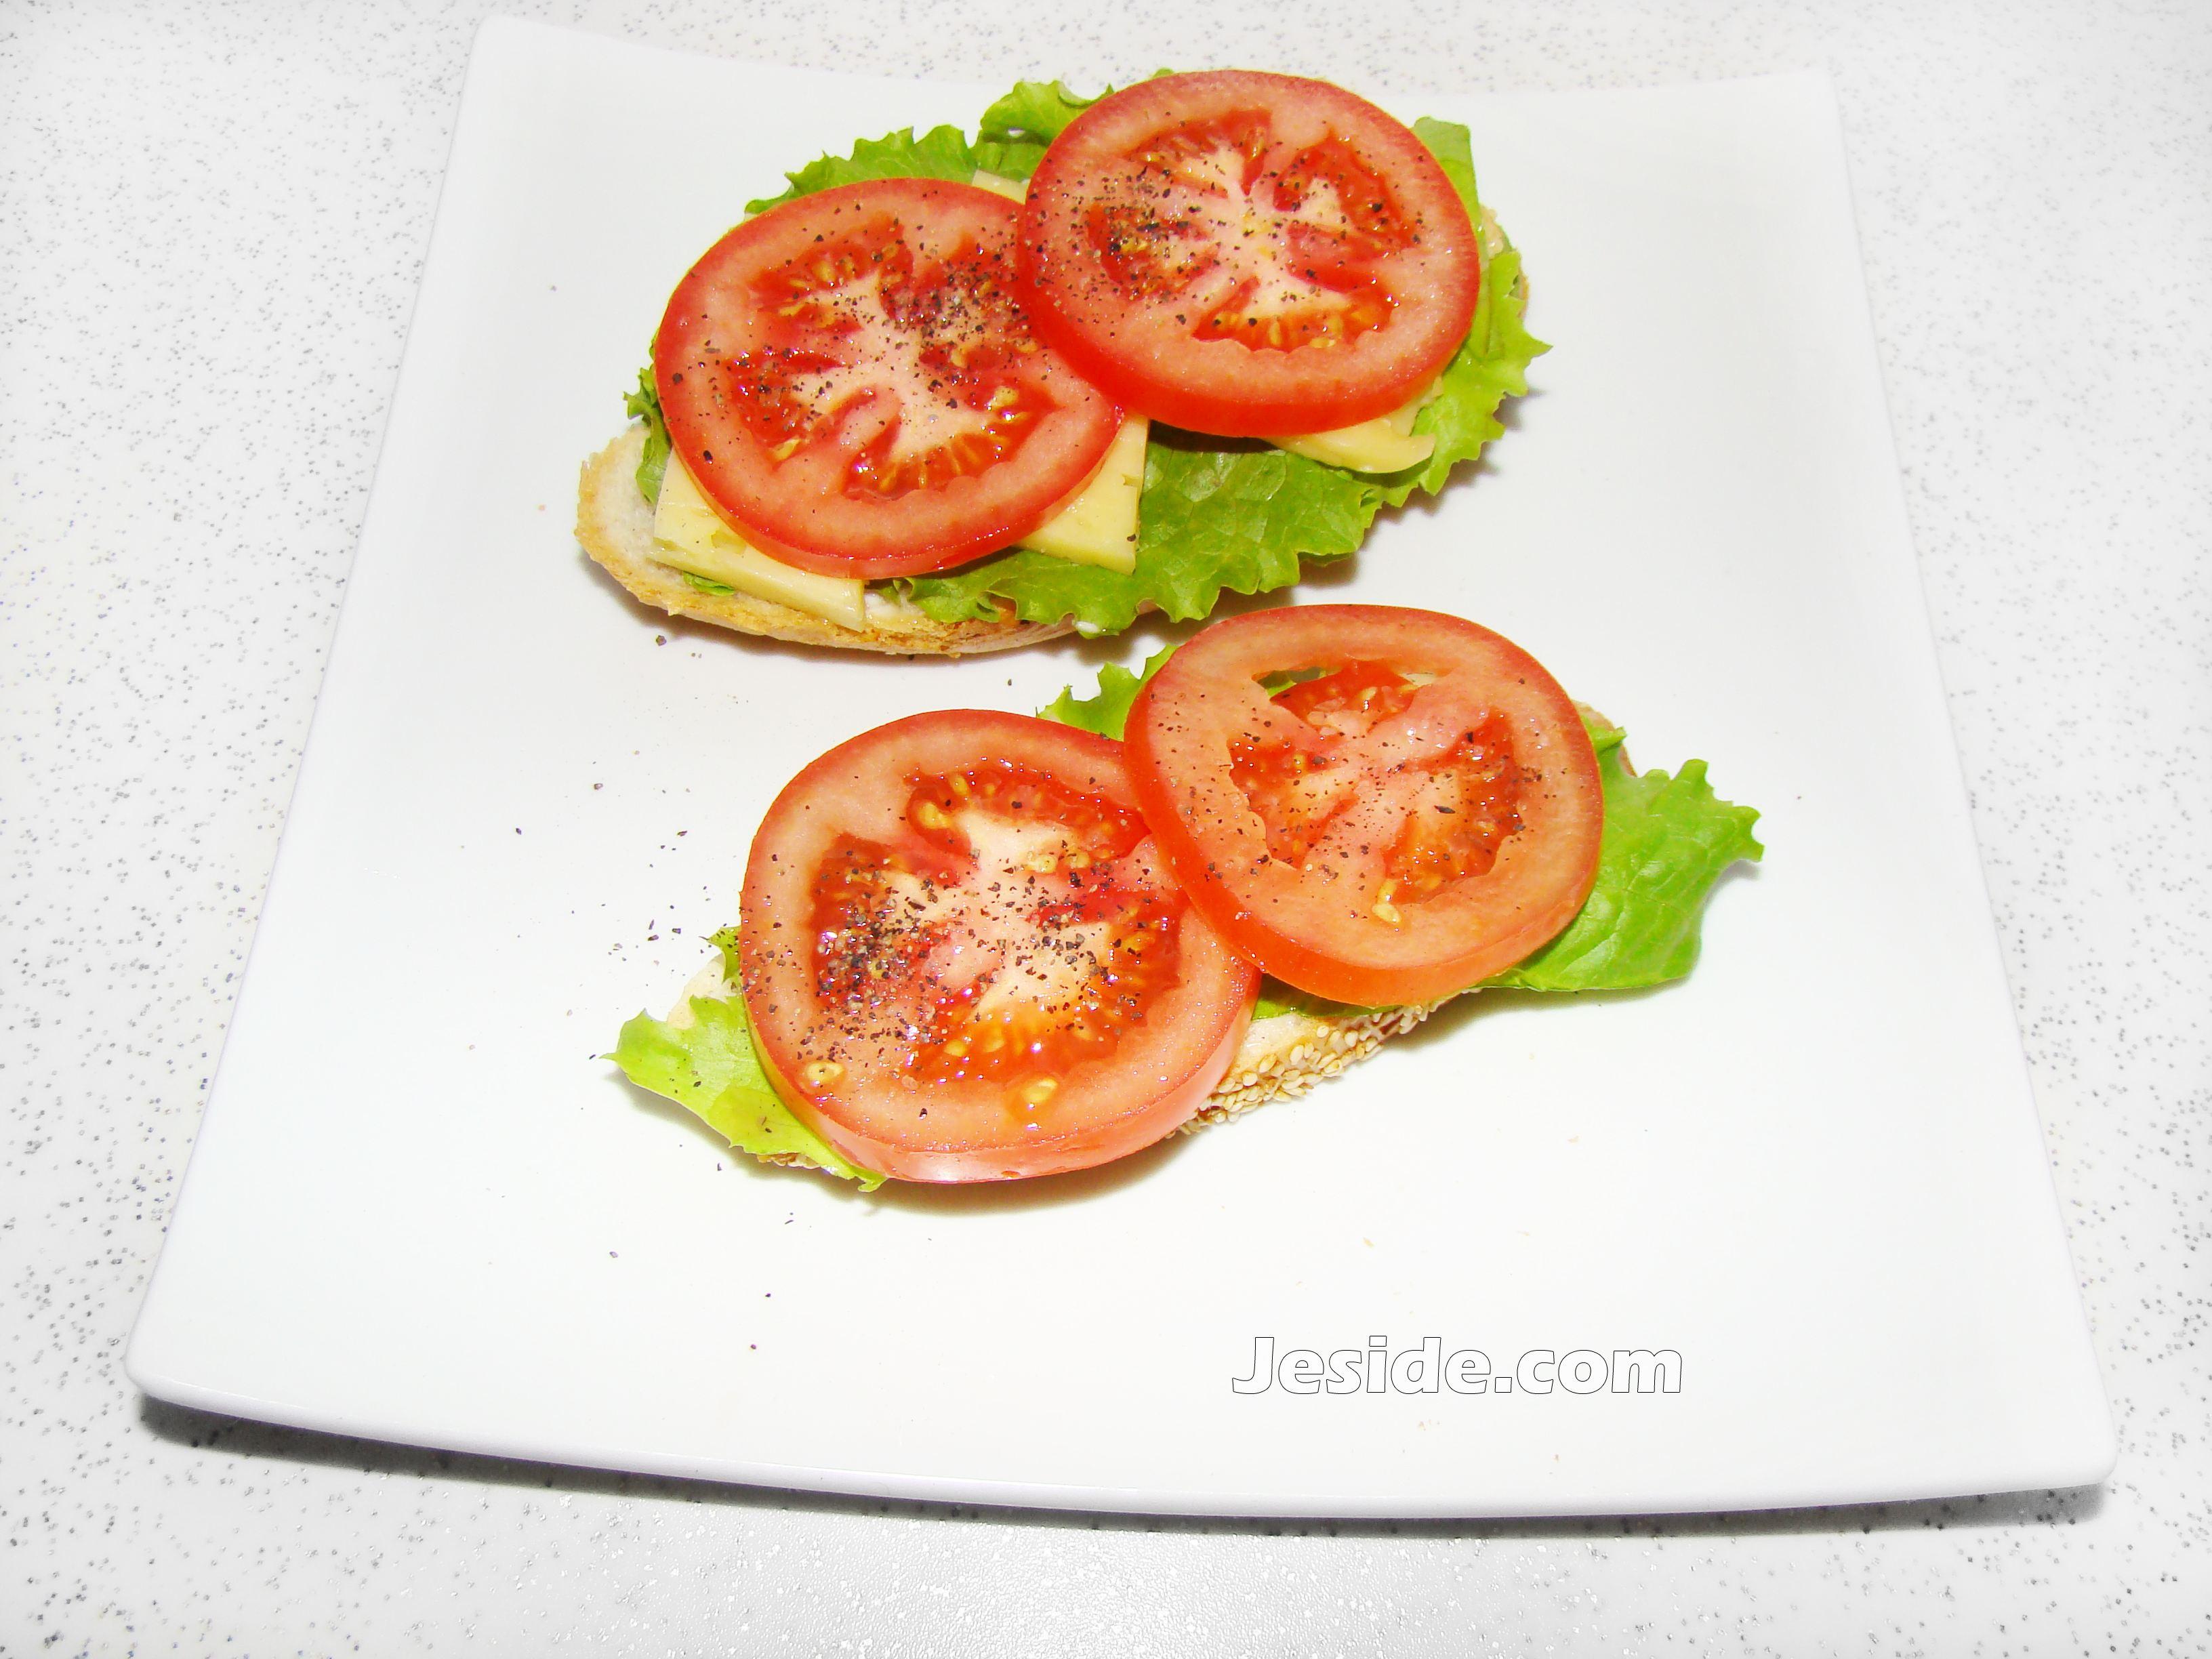 бутерброды с семгой и листьями салата рецепт фото